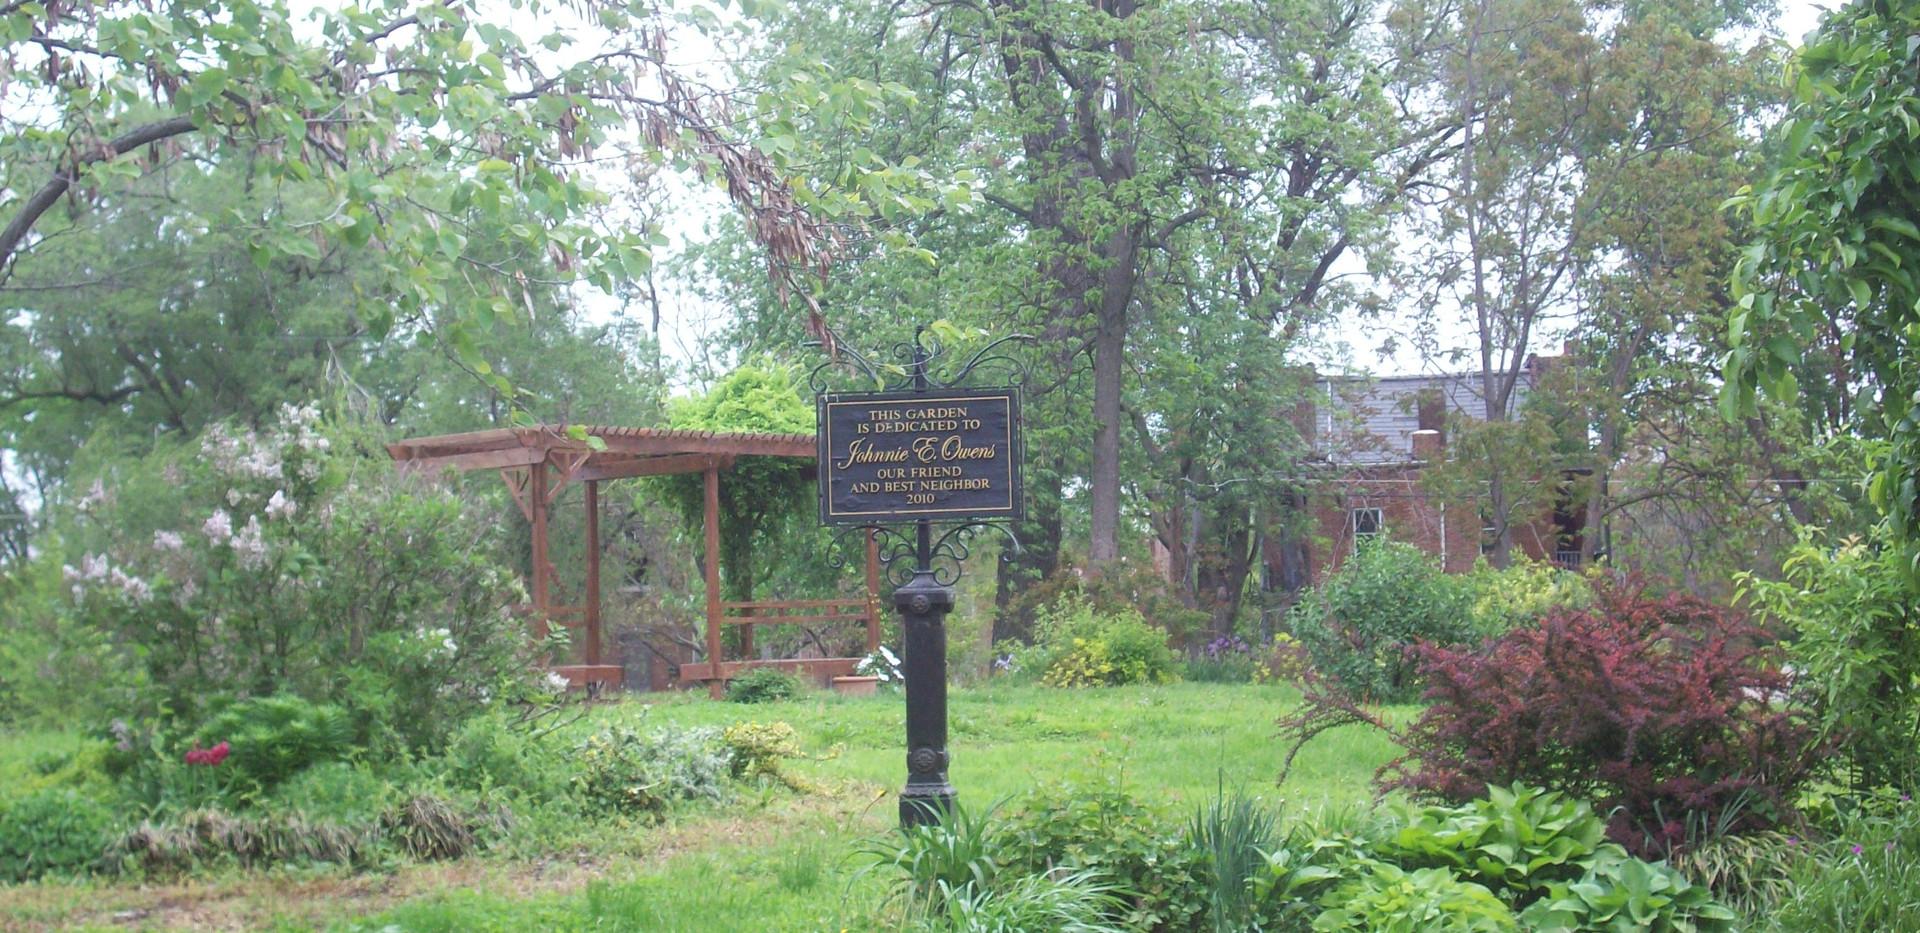 Johnnie Owens Garden